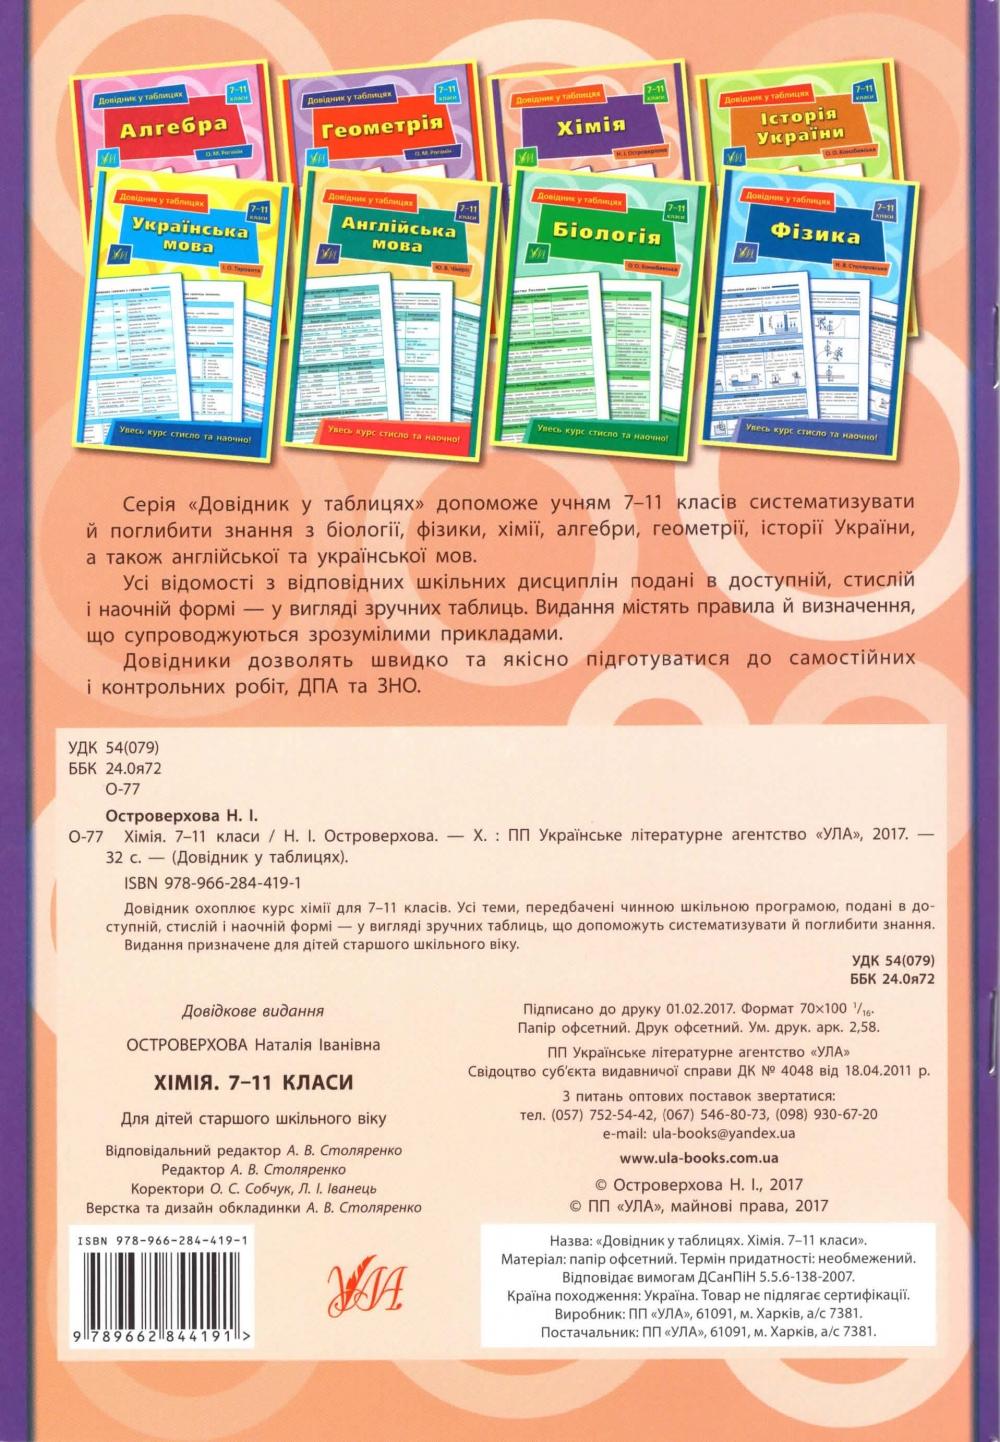 Хімія 7-11 класи. Серія «Довідник у таблицях». Авт: Островерхова Н. І. Вид-во: УЛА. купити 7